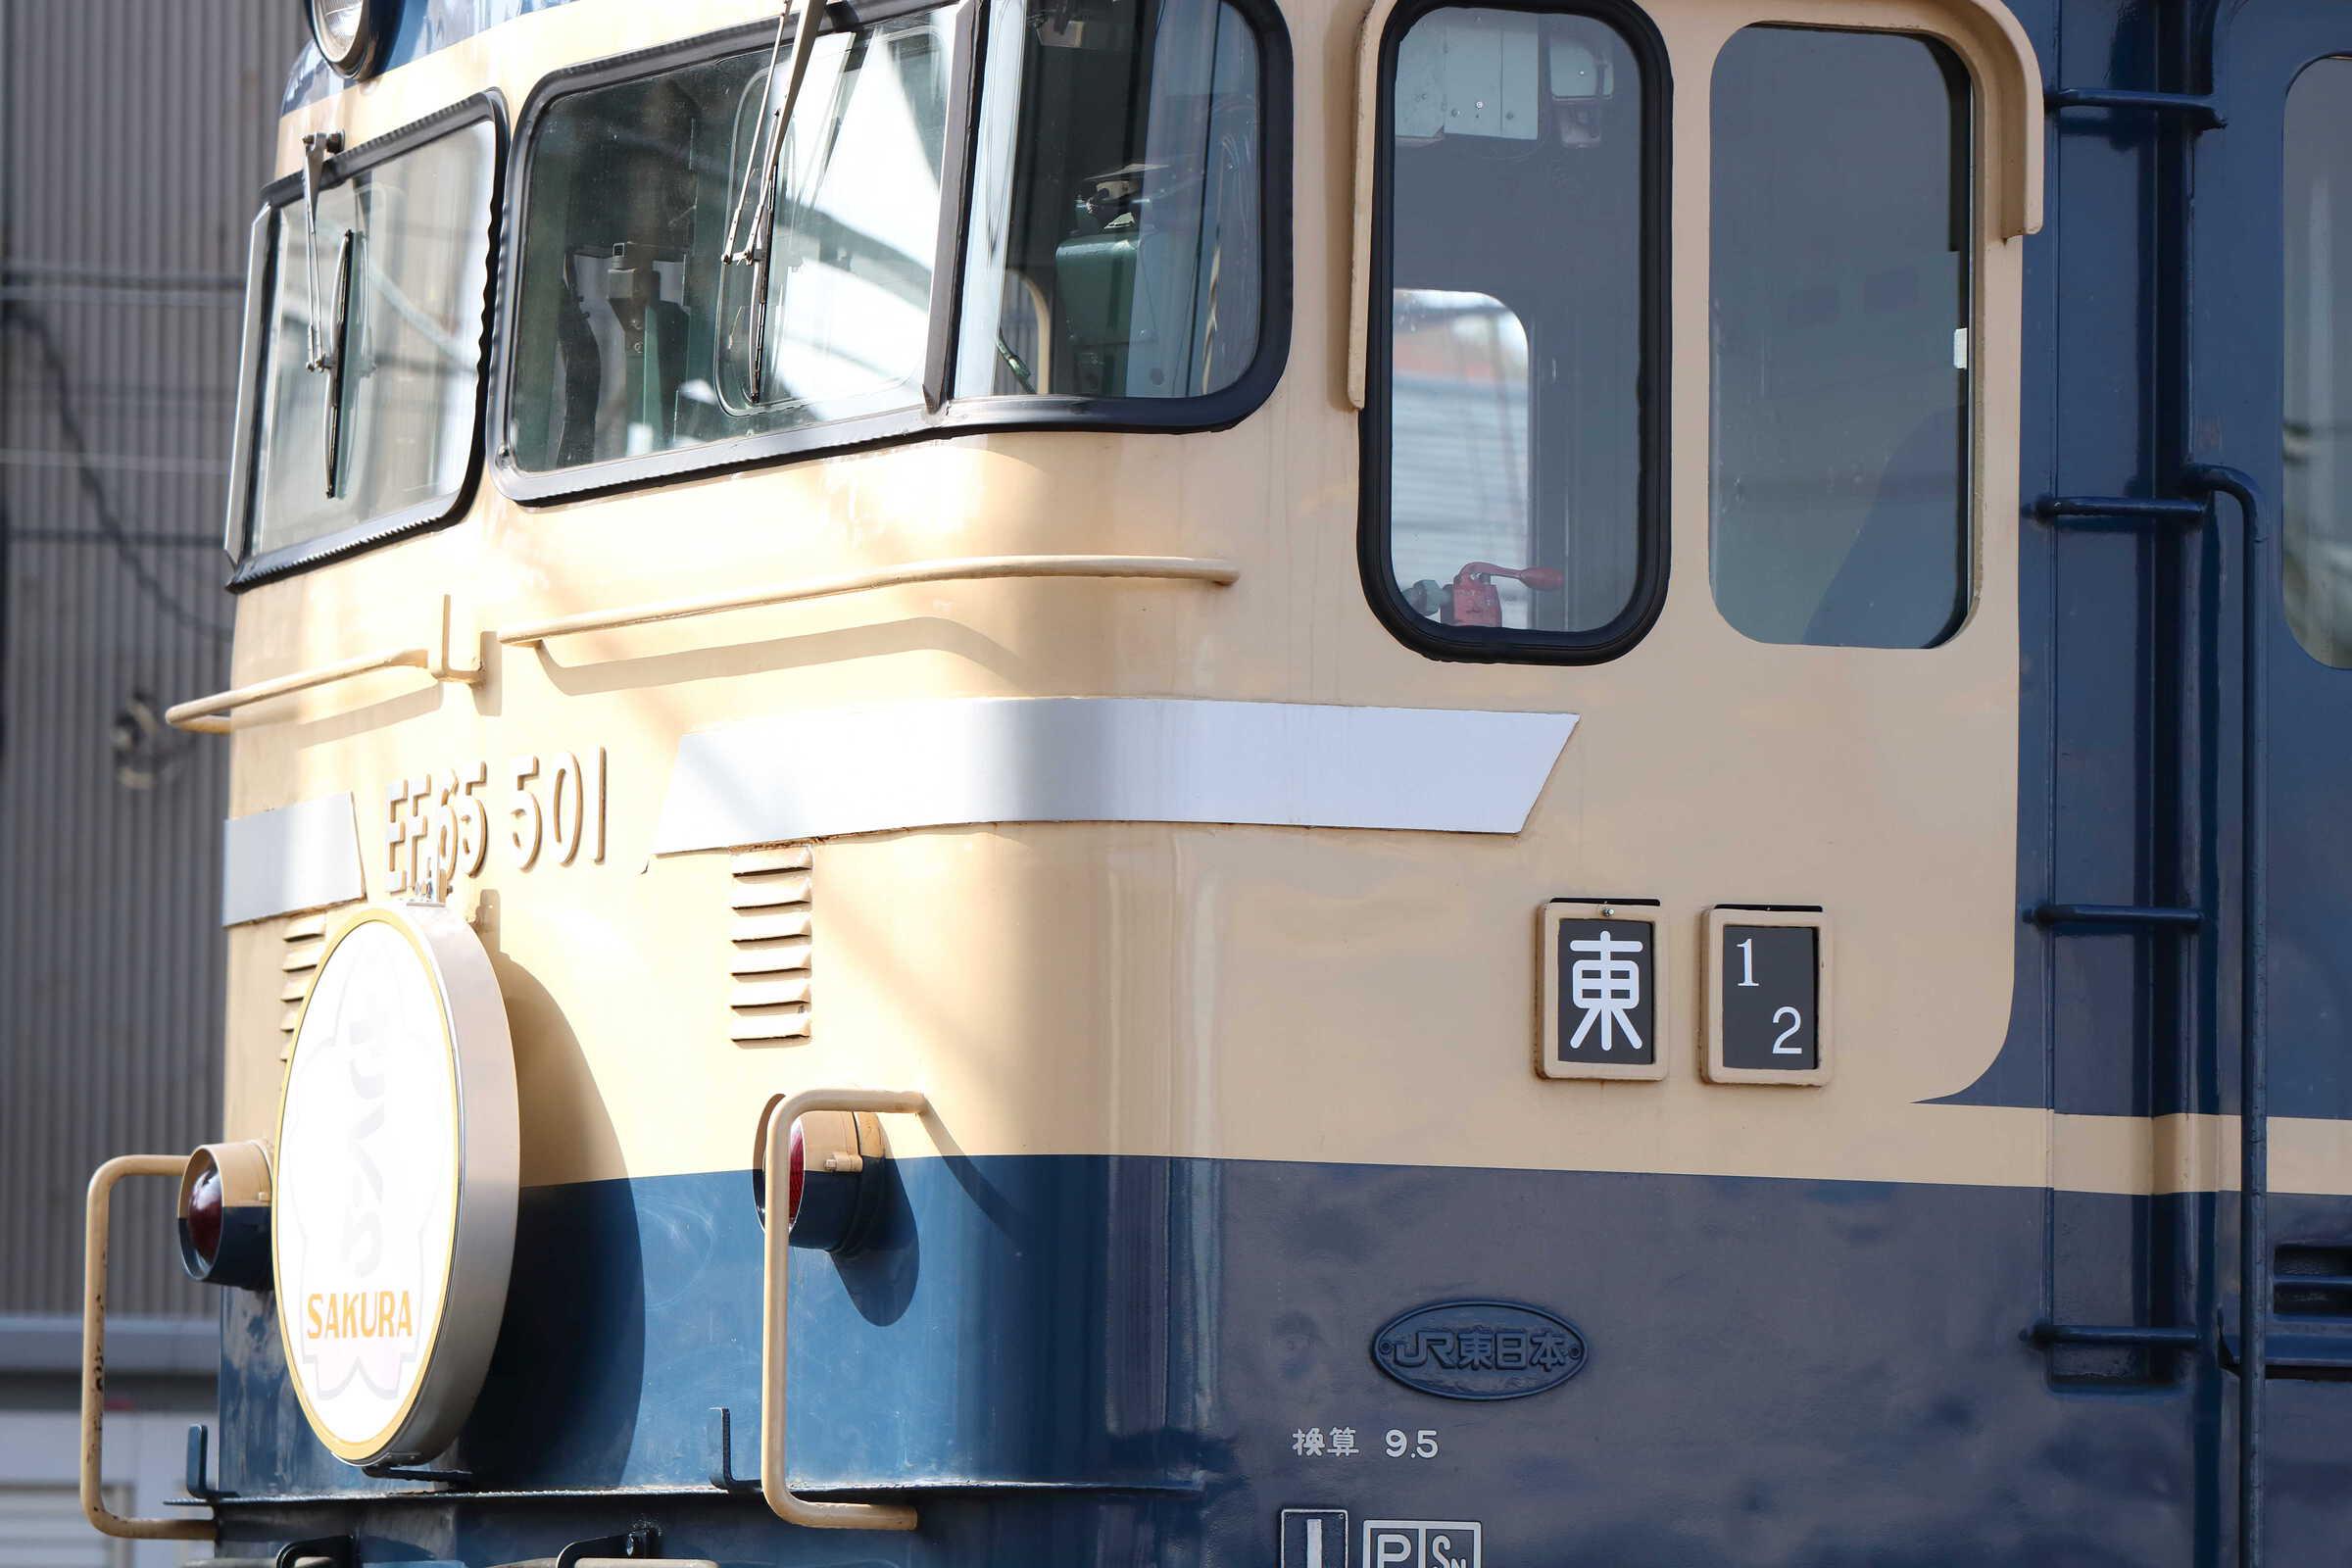 転車台実演 EF65-501[東]